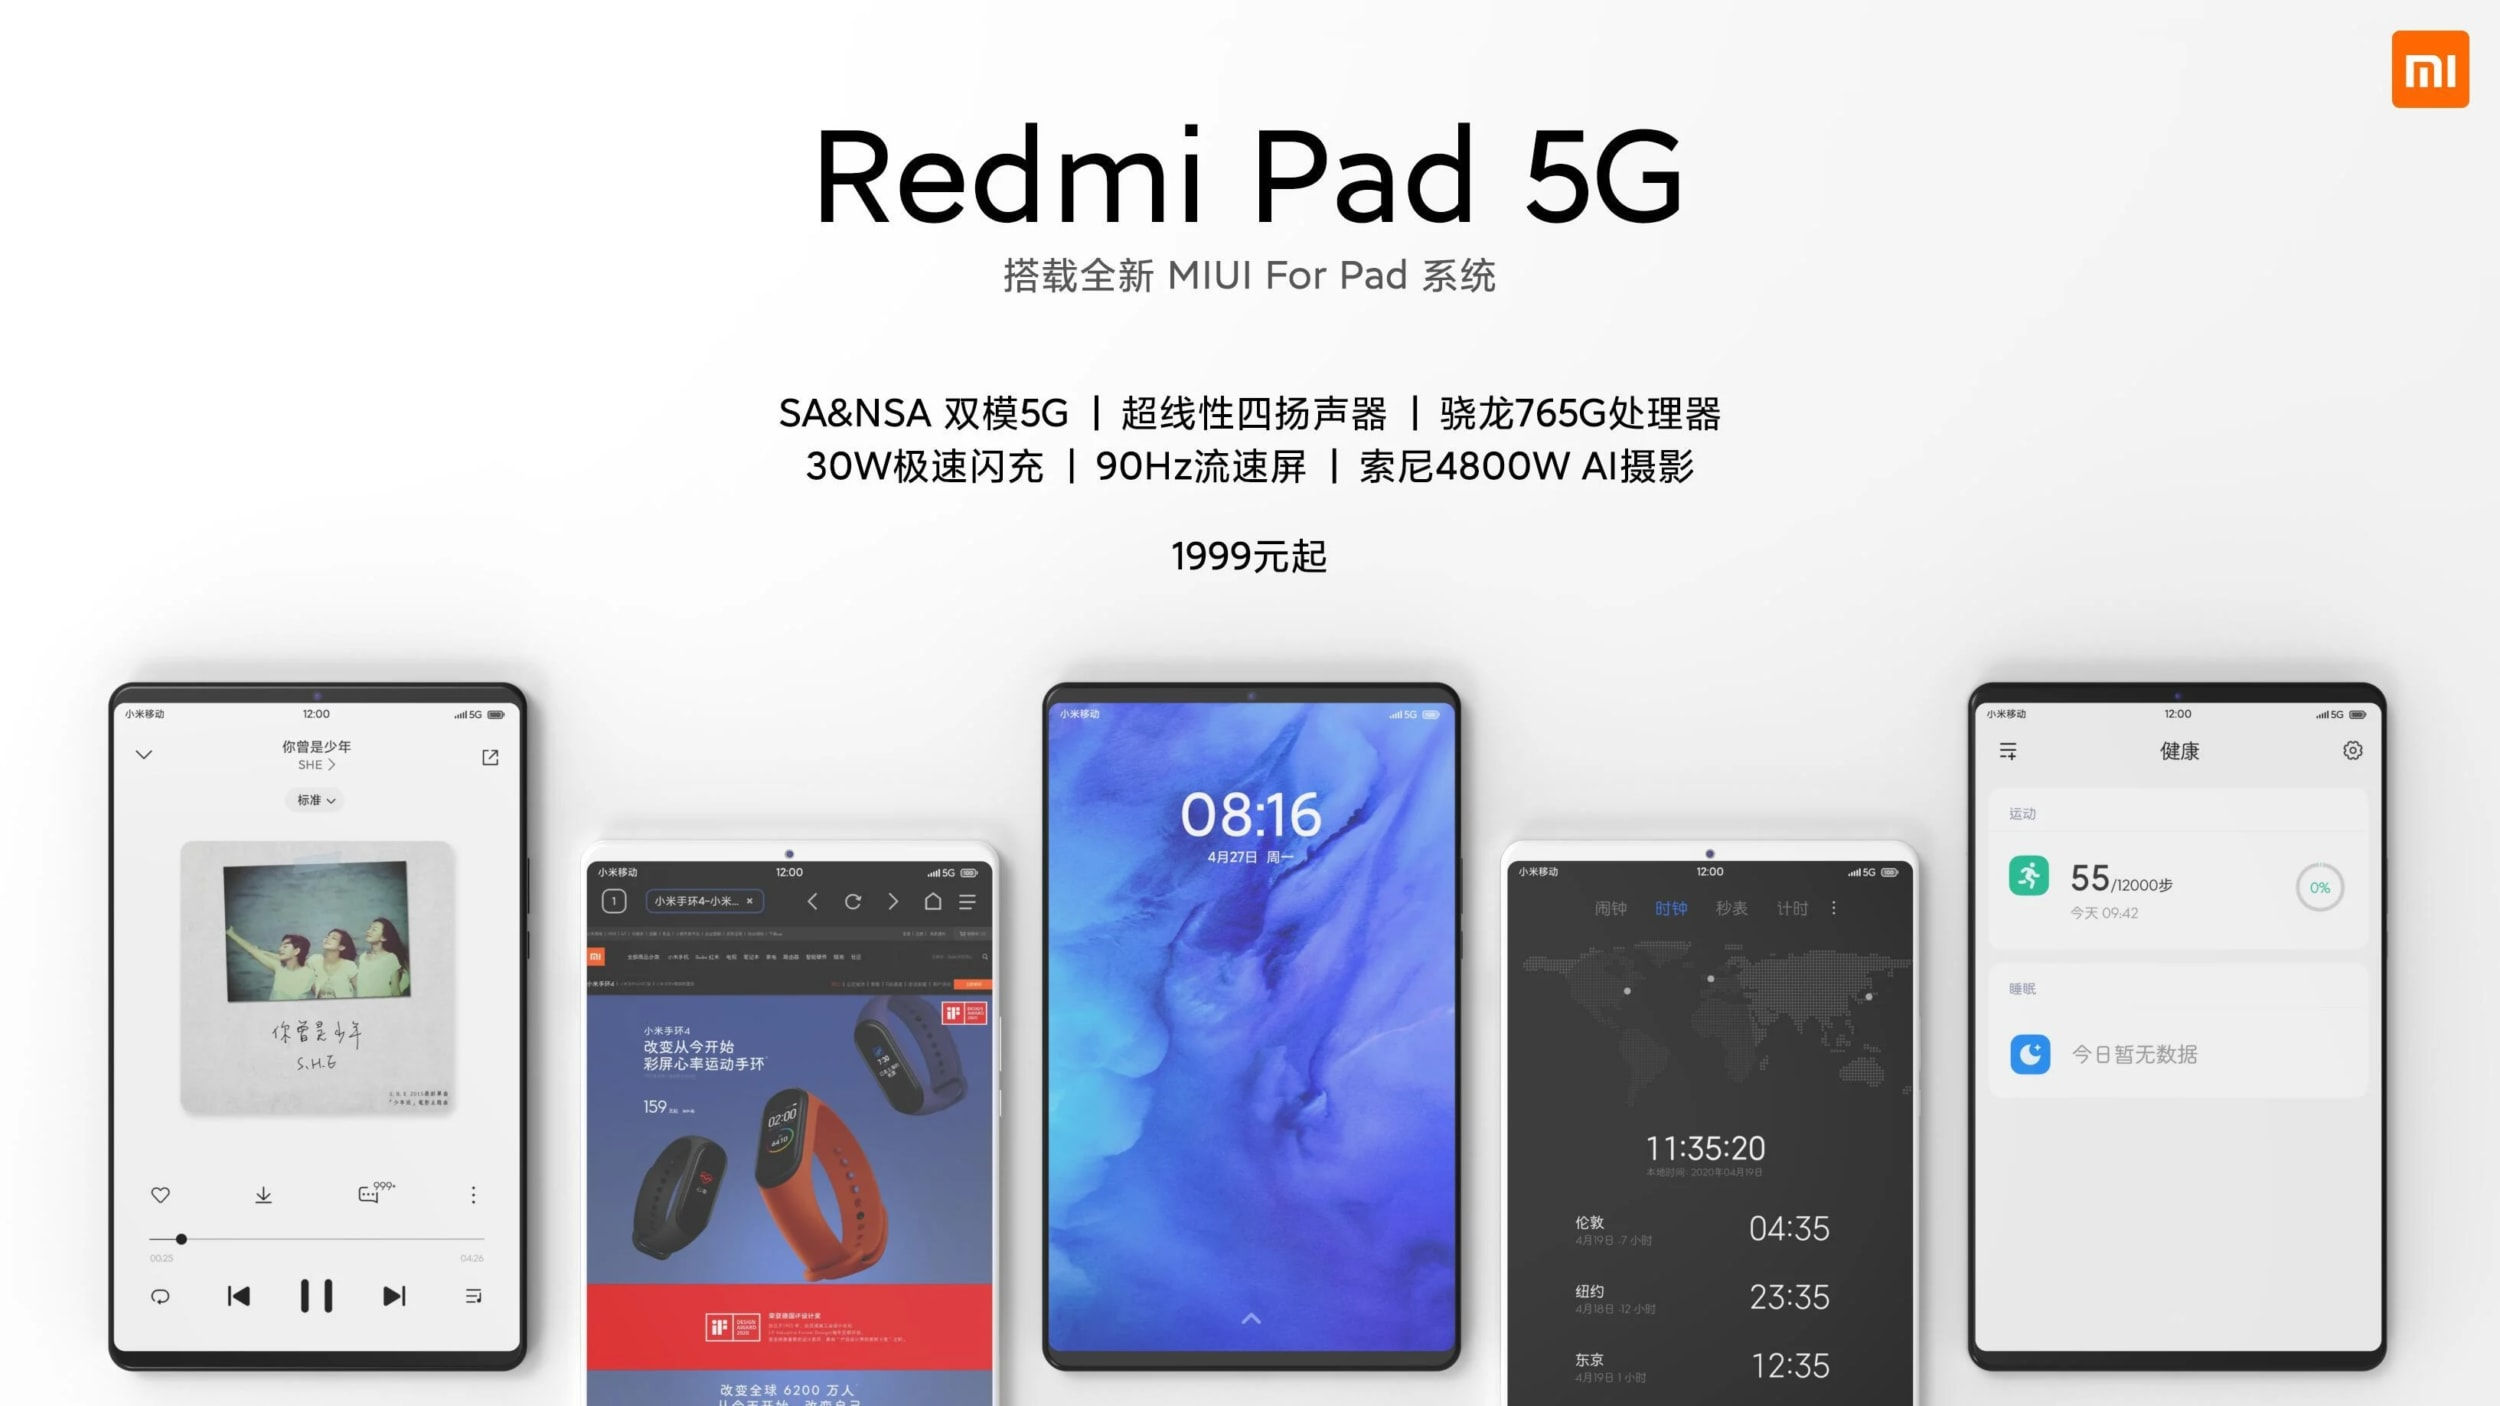 Redmi starebbe pensando al lancio di un tablet con 5G, ecco le specifiche (foto)